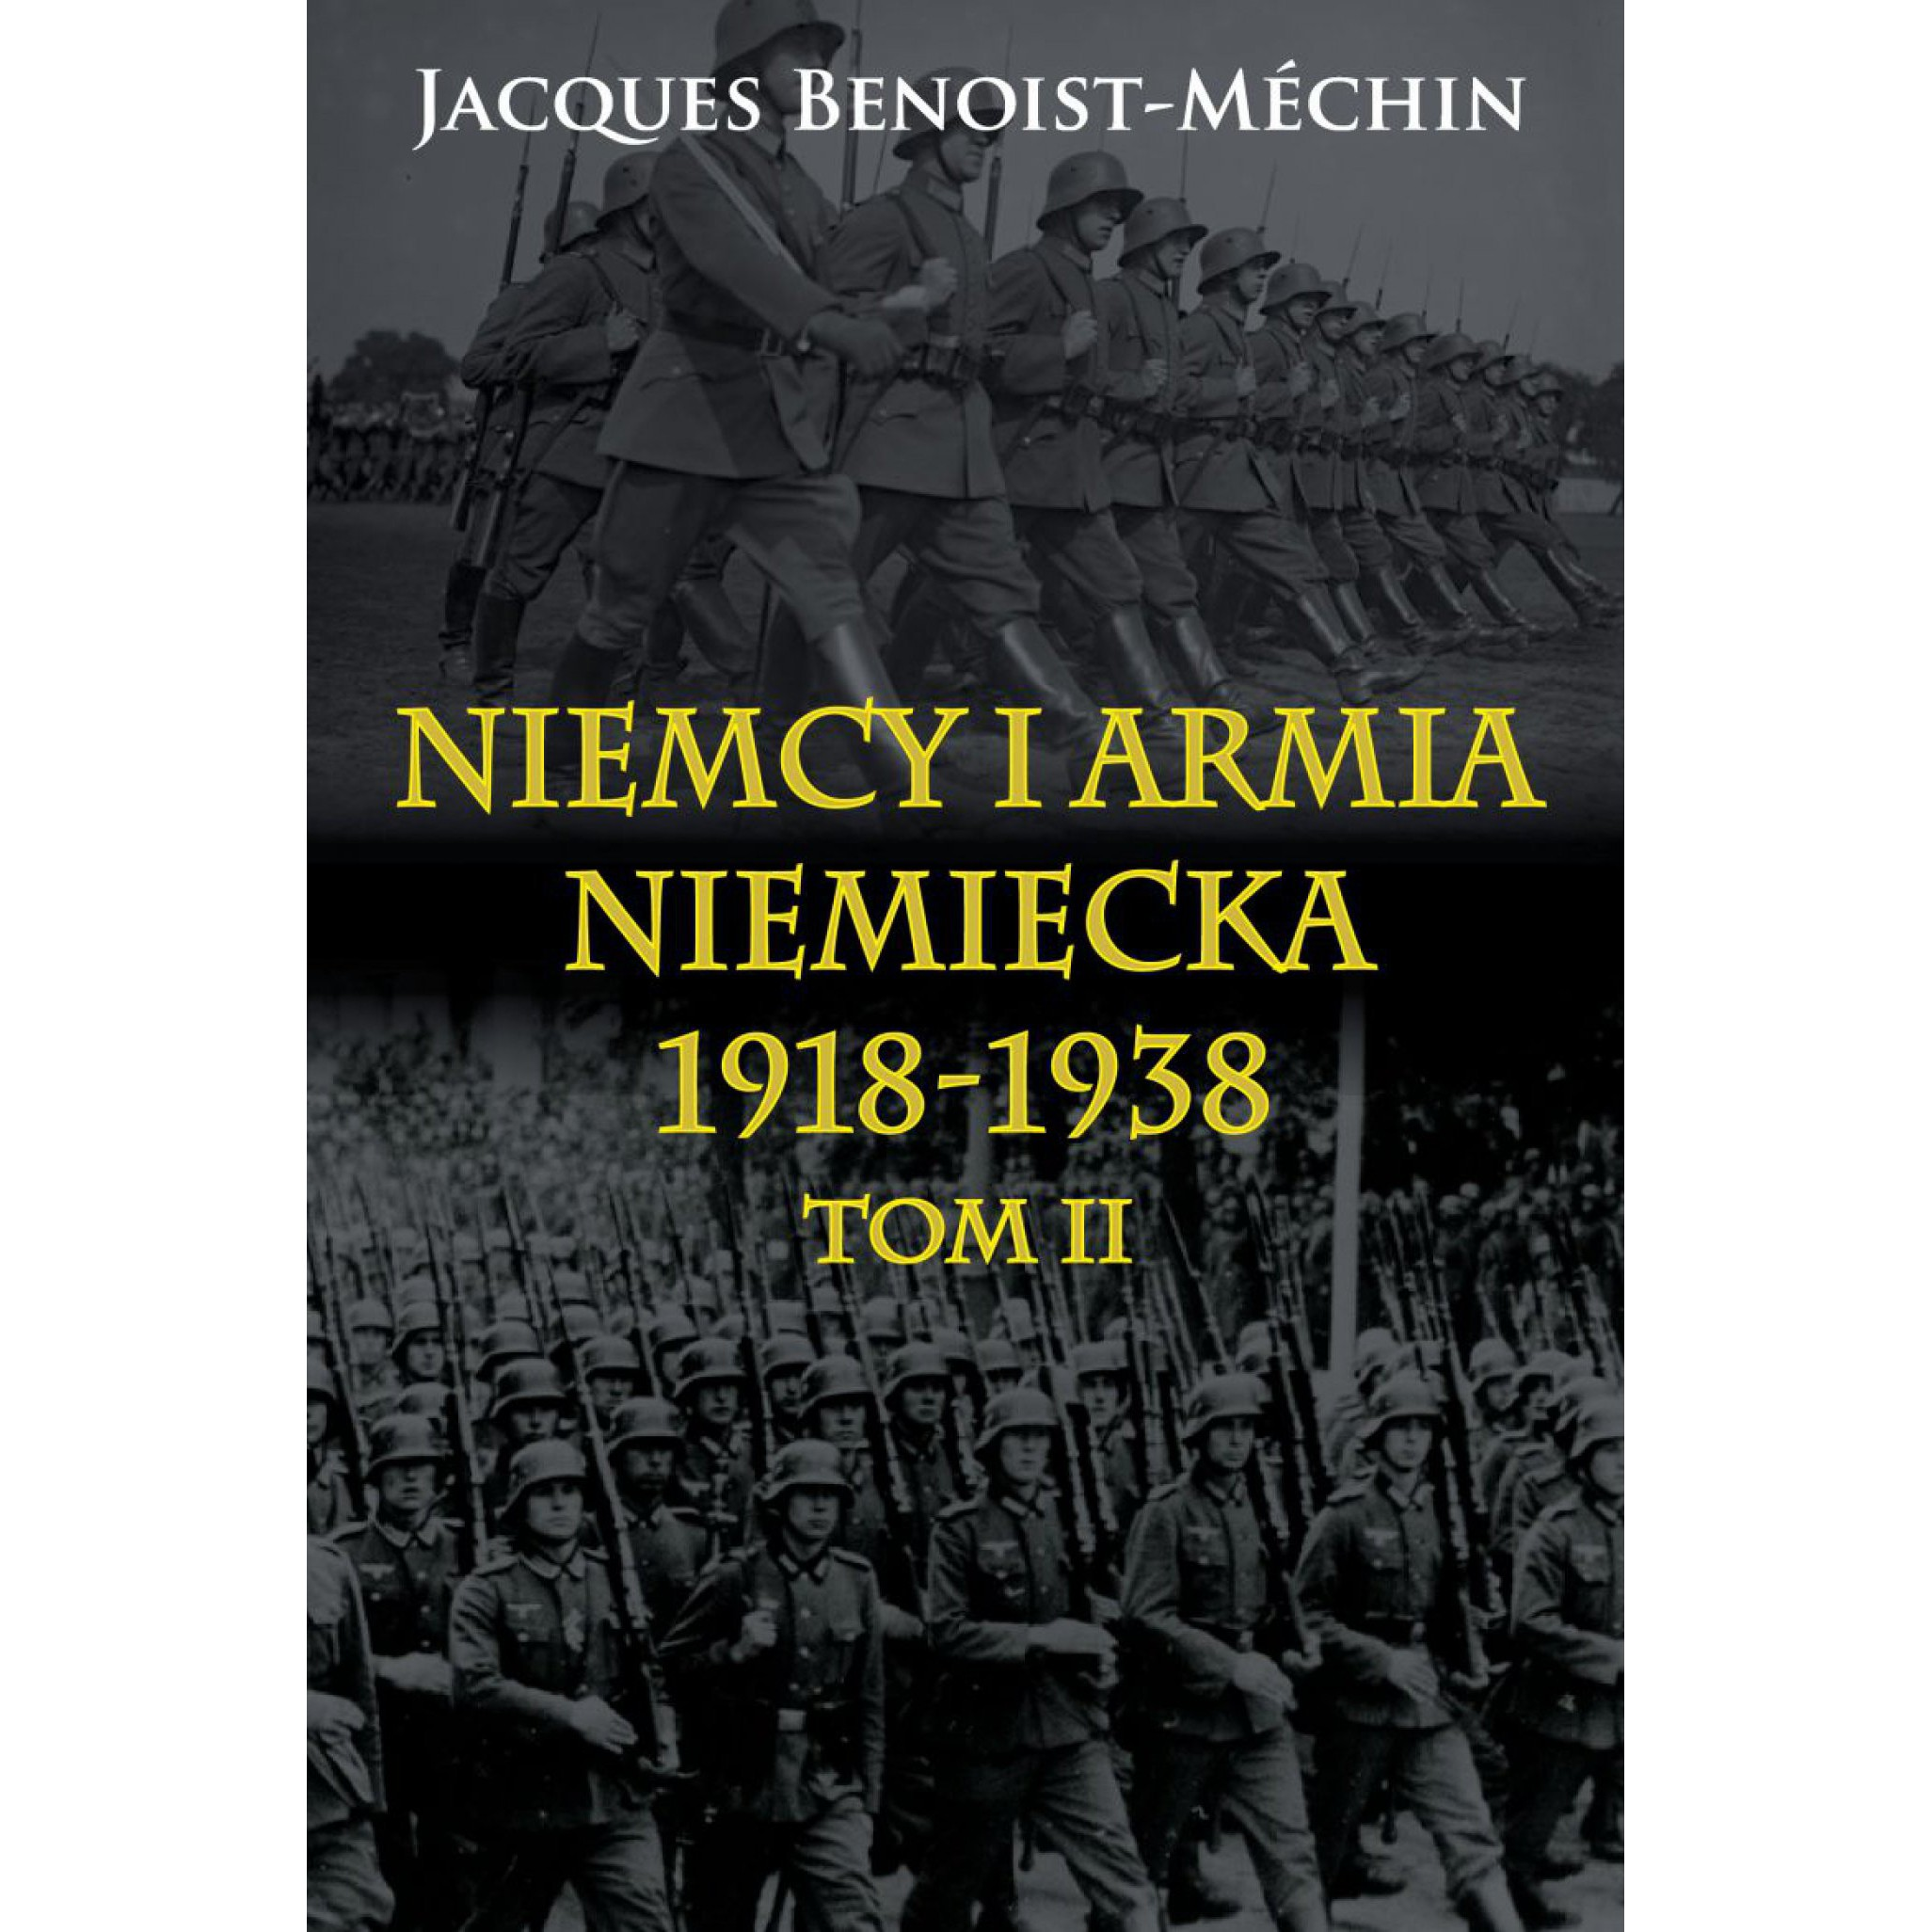 Niemcy i armia niemiecka 1918-1938 t. II